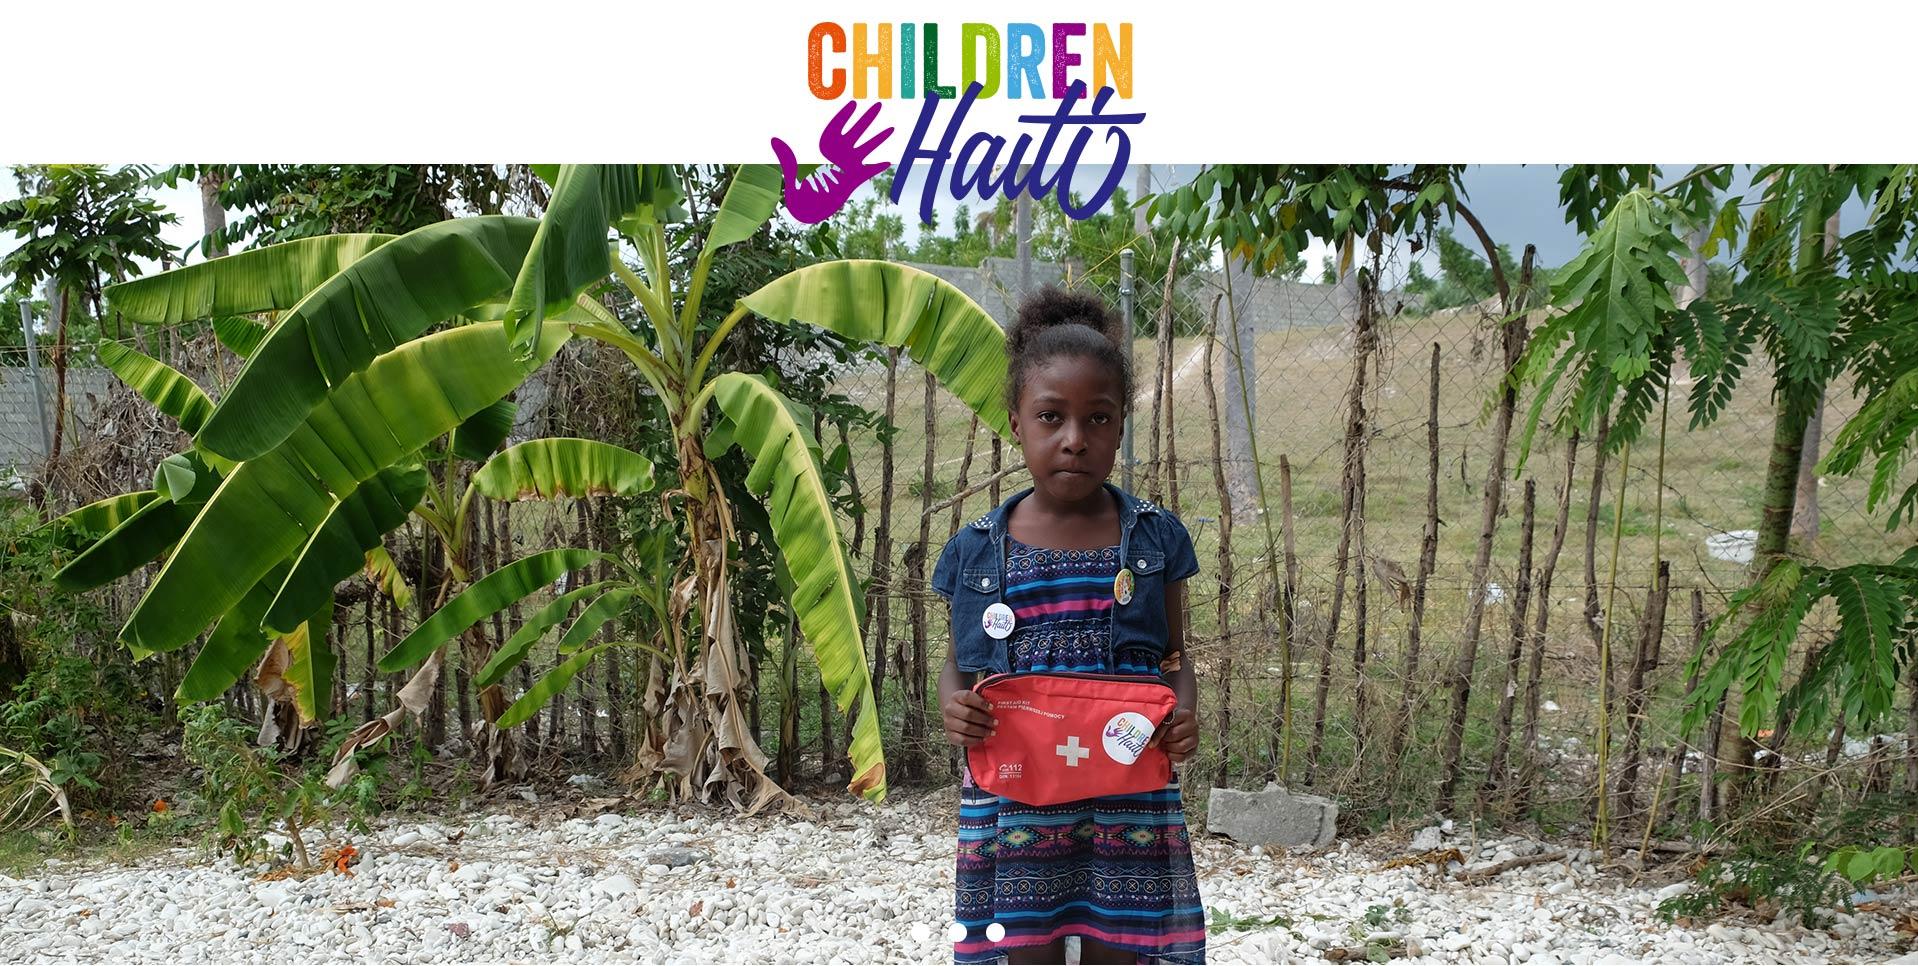 Dzieci Haiti